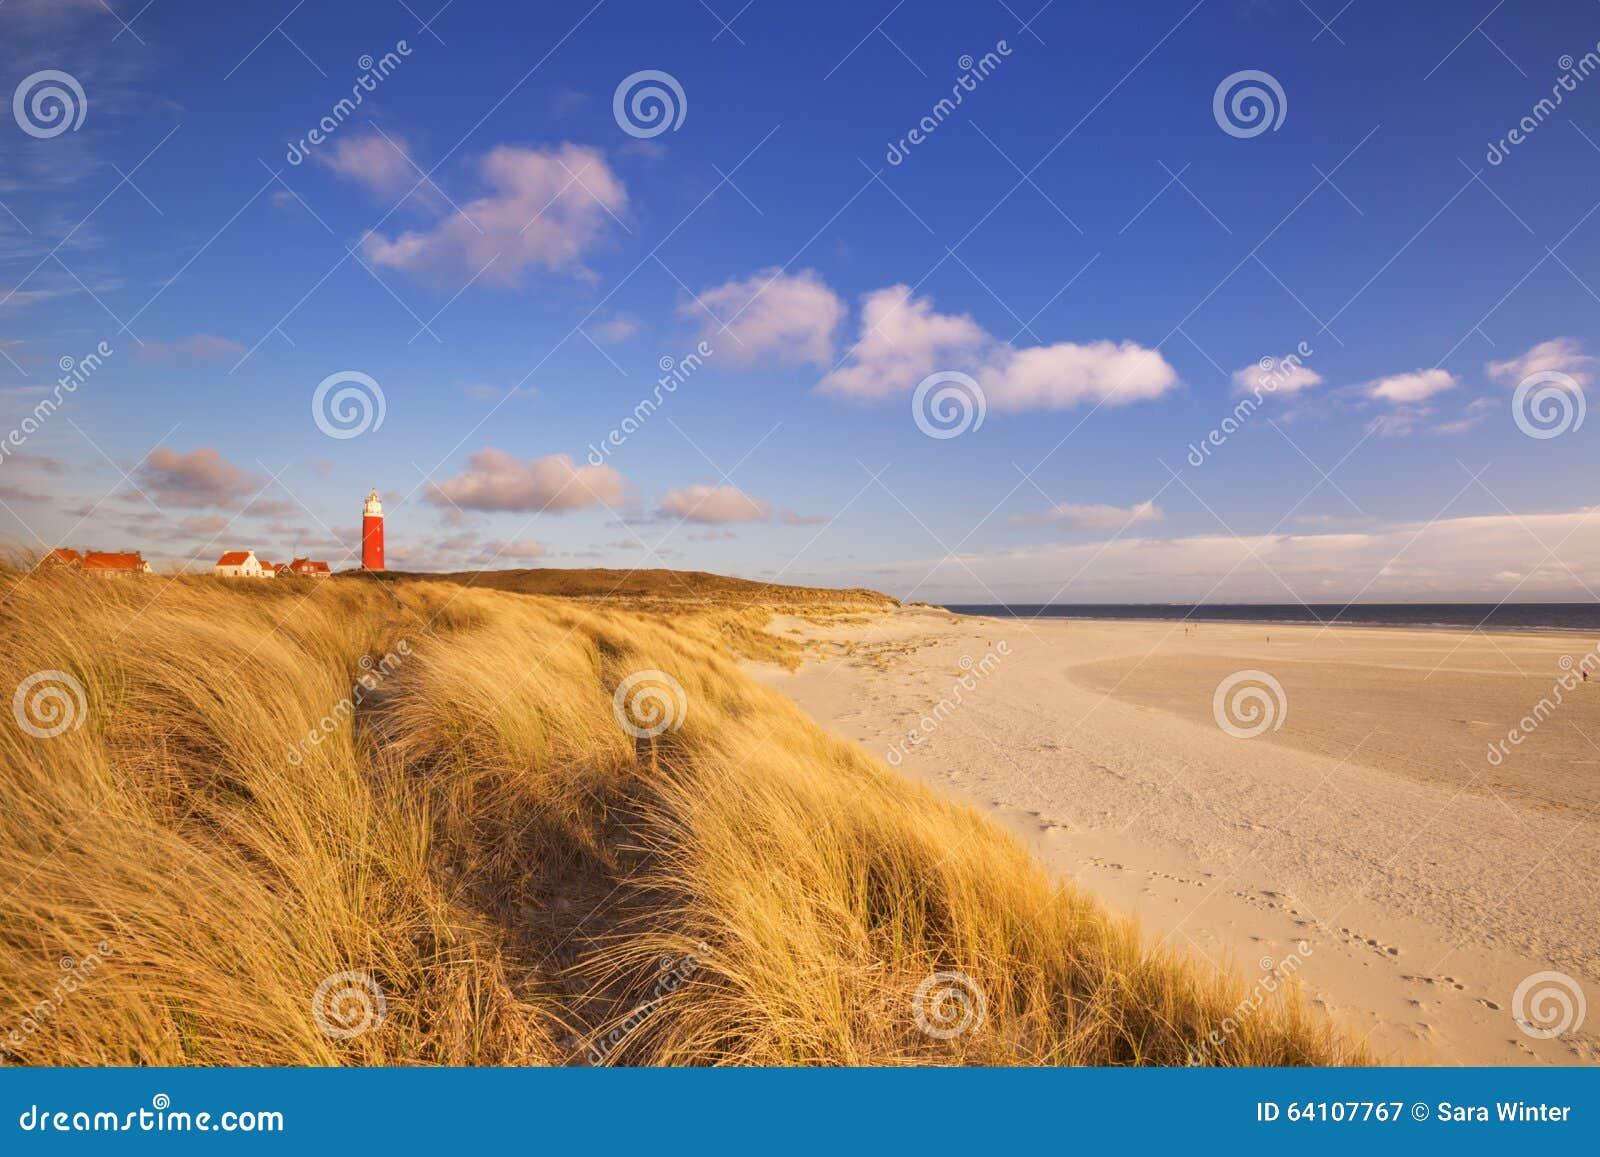 Vuurtoren op texel eiland in nederland stock foto afbeelding 64107767 - Tafelhuis van het wereld lange eiland ...